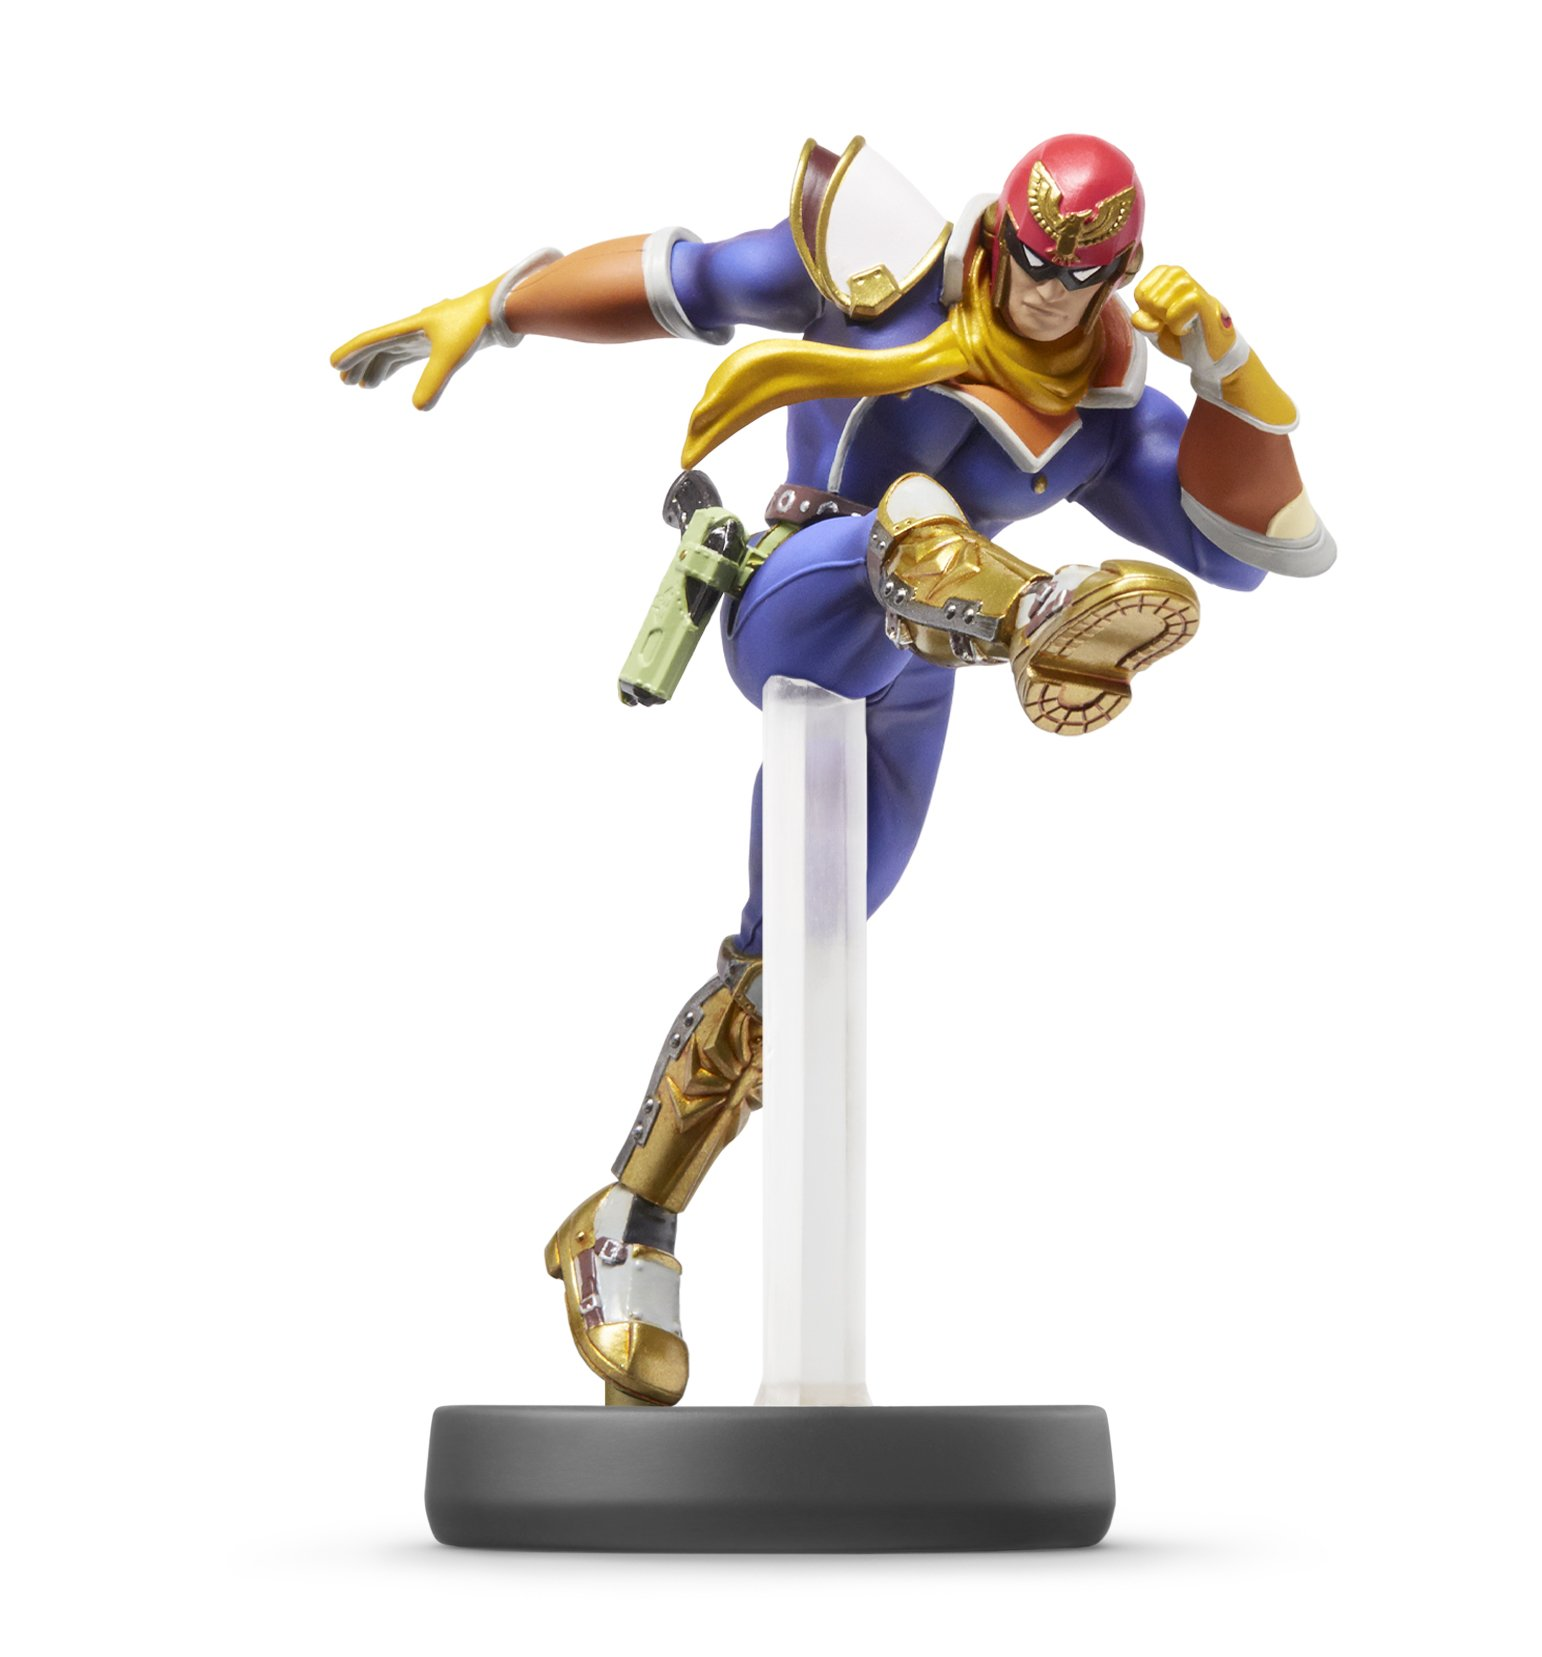 Captain Falcon amiibo (Super Smash Bros Series)